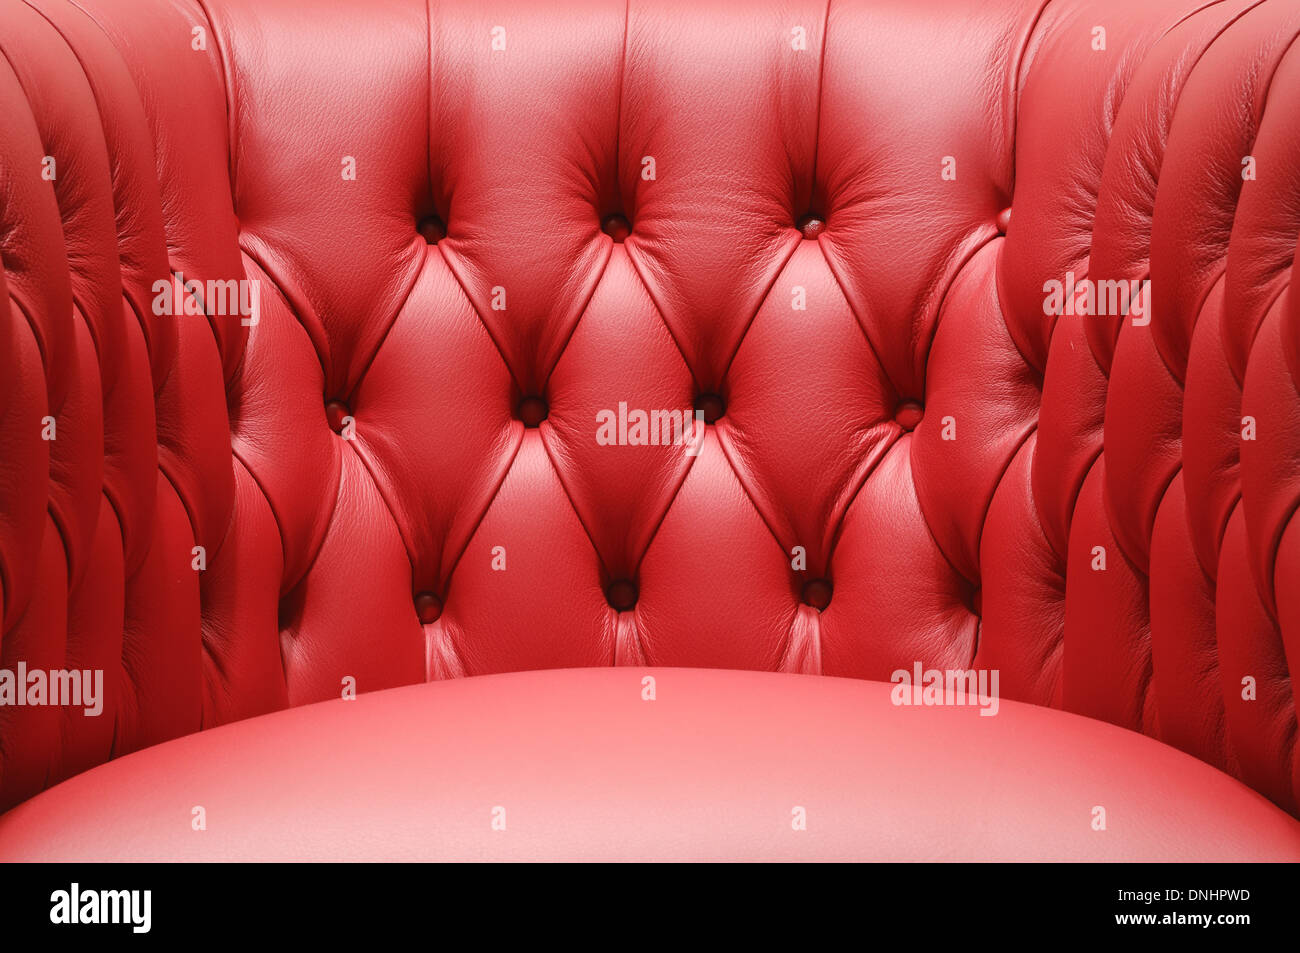 Una sección de un cómodo sofá de cuero rojo muebles. Imagen De Stock